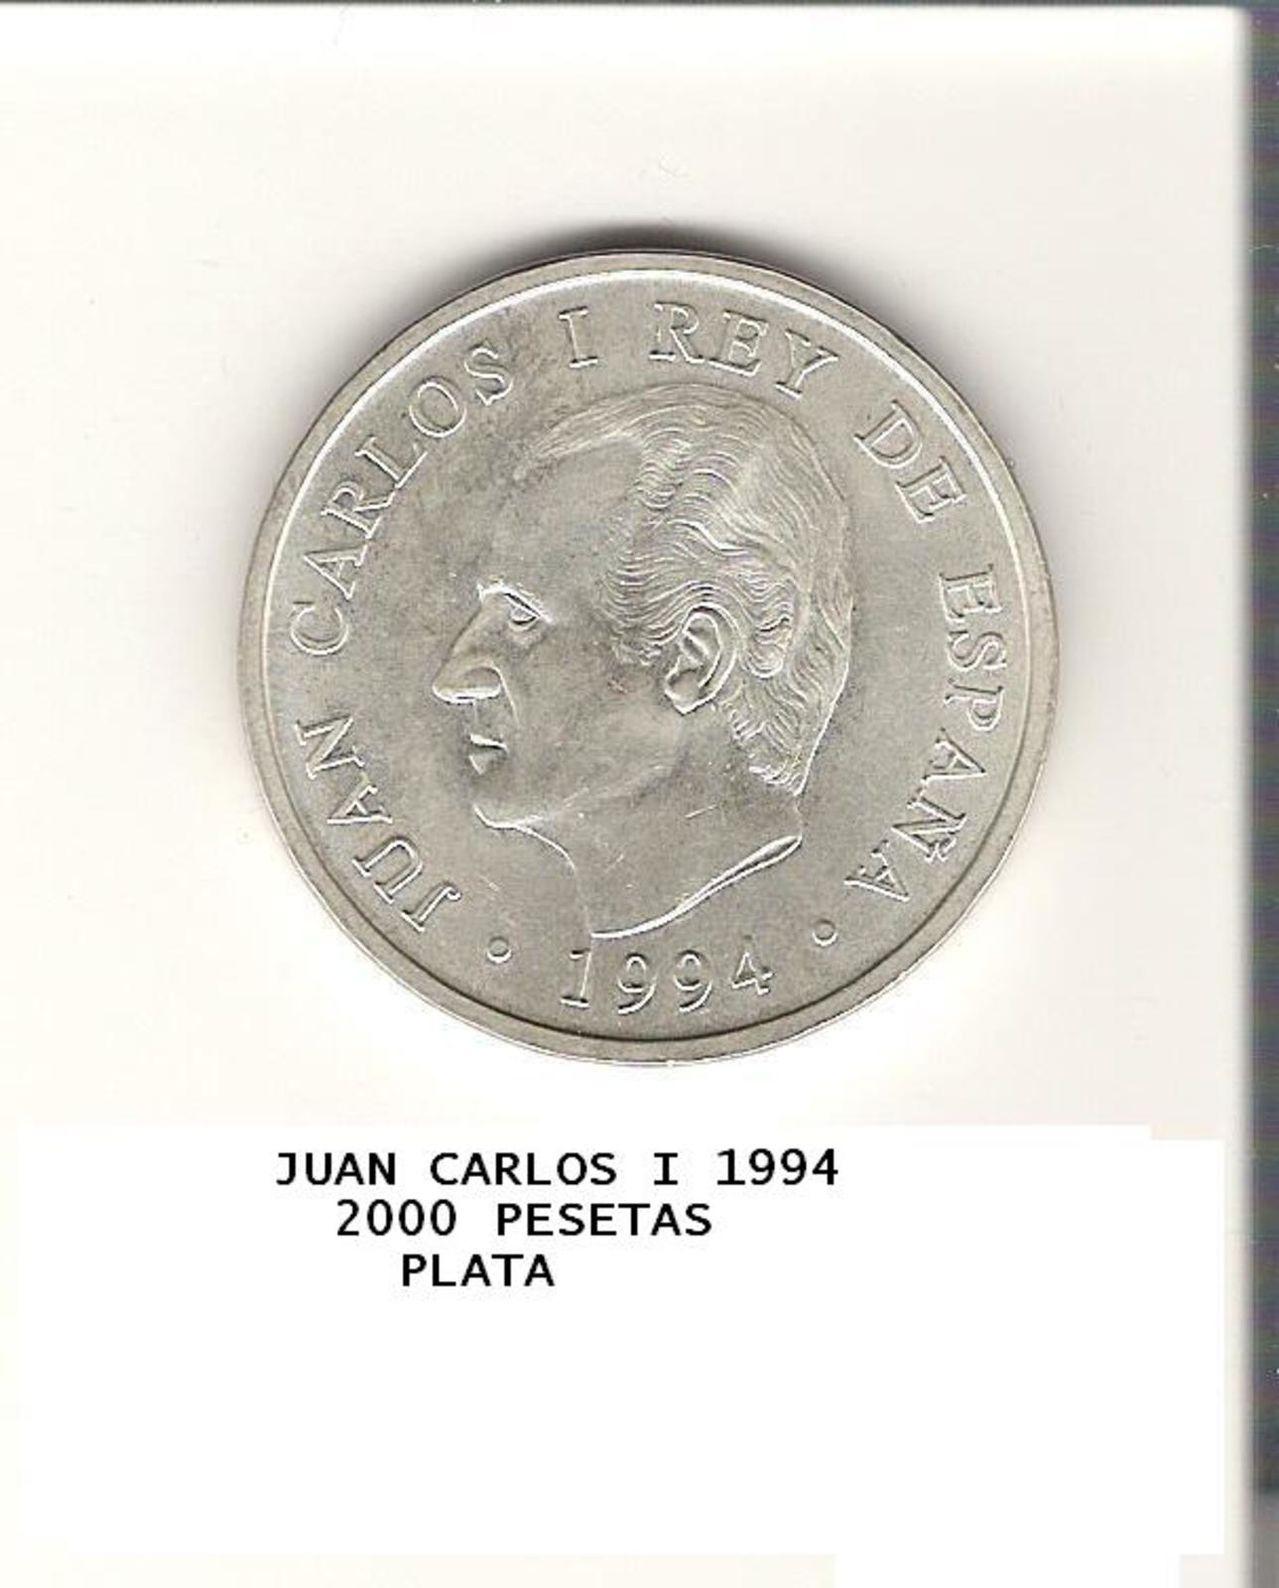 2000 Pesetas 1994. Juan Carlos I. 2000_PESETAS